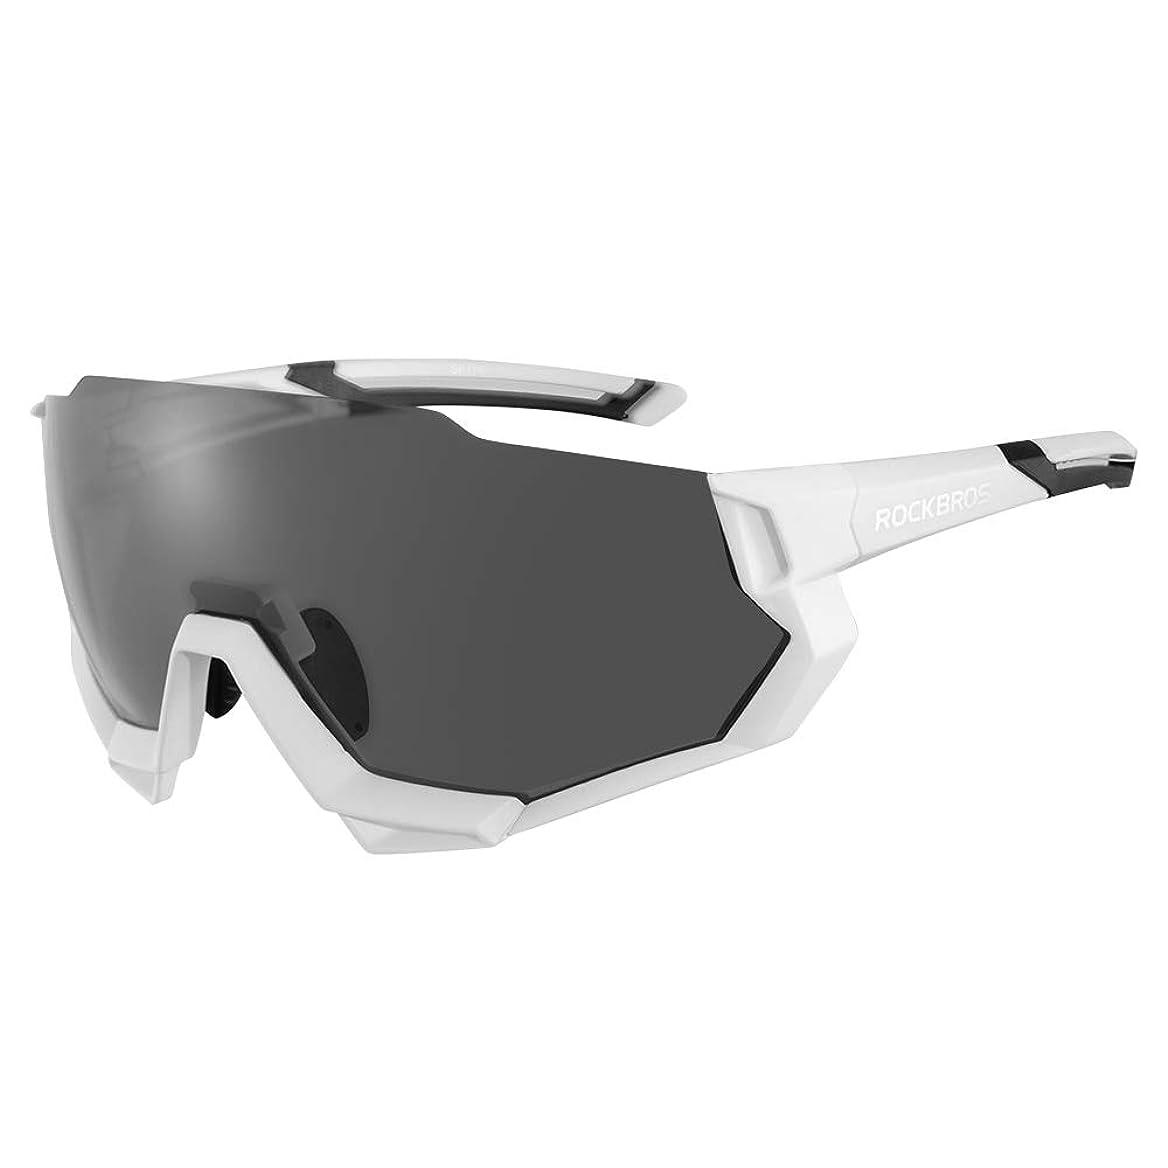 スポンサー腐った議題ROCKBROS(ロックブロス)スポーツサングラス 偏光レンズ 調光サングラス 超軽量 紫外線カット ゴルフ 自転車 5枚専用交換レンズ 収納ポーチ付き ユニセックス